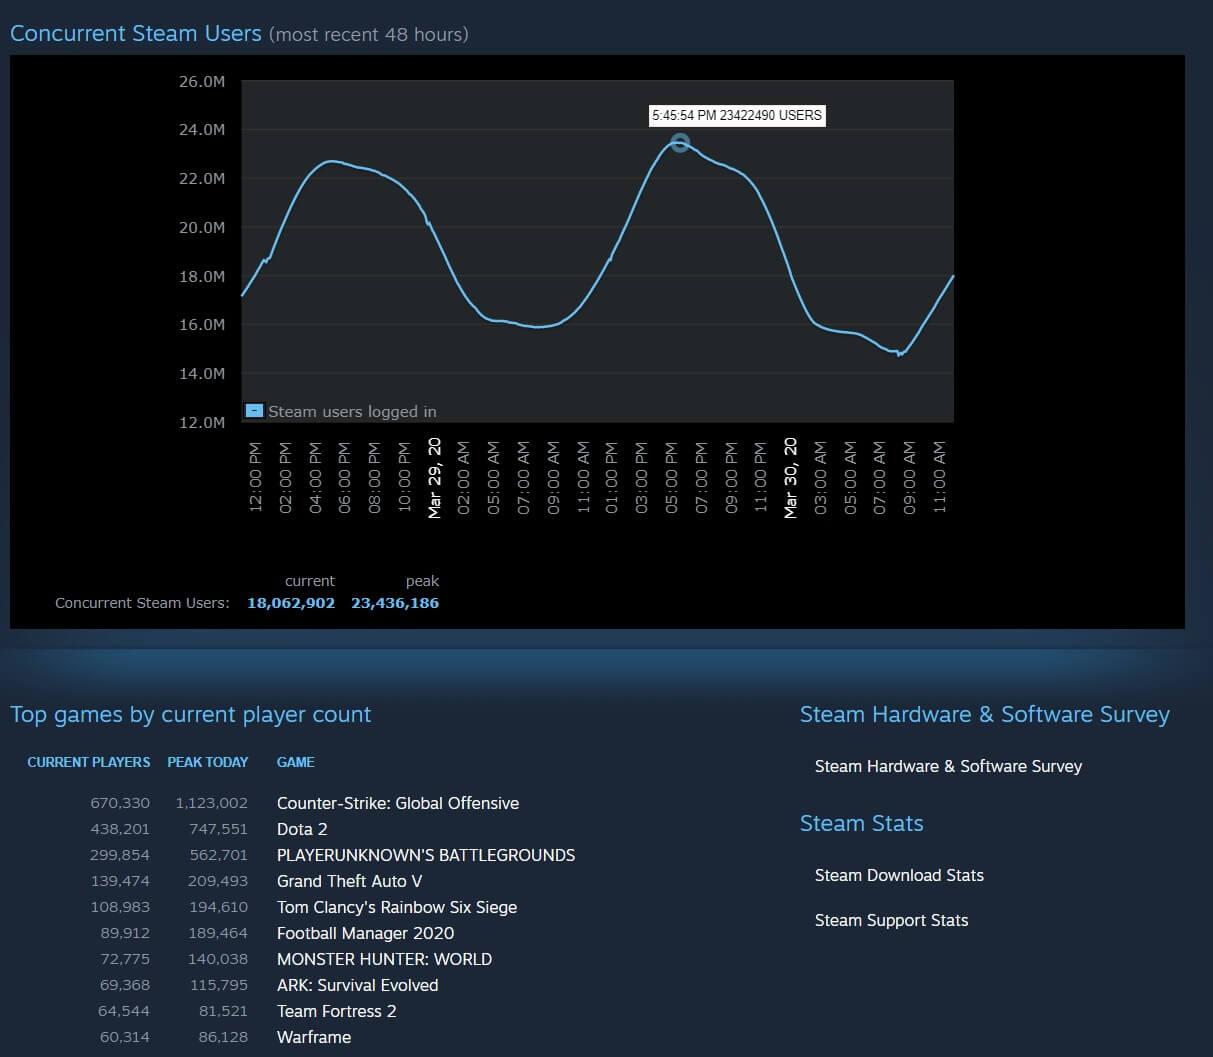 حقق Steam رقمًا قياسيًا جديدًا للاعبين المتزامنين ، مع أكثر من 23 مليون لاعب عبر الإنترنت 1